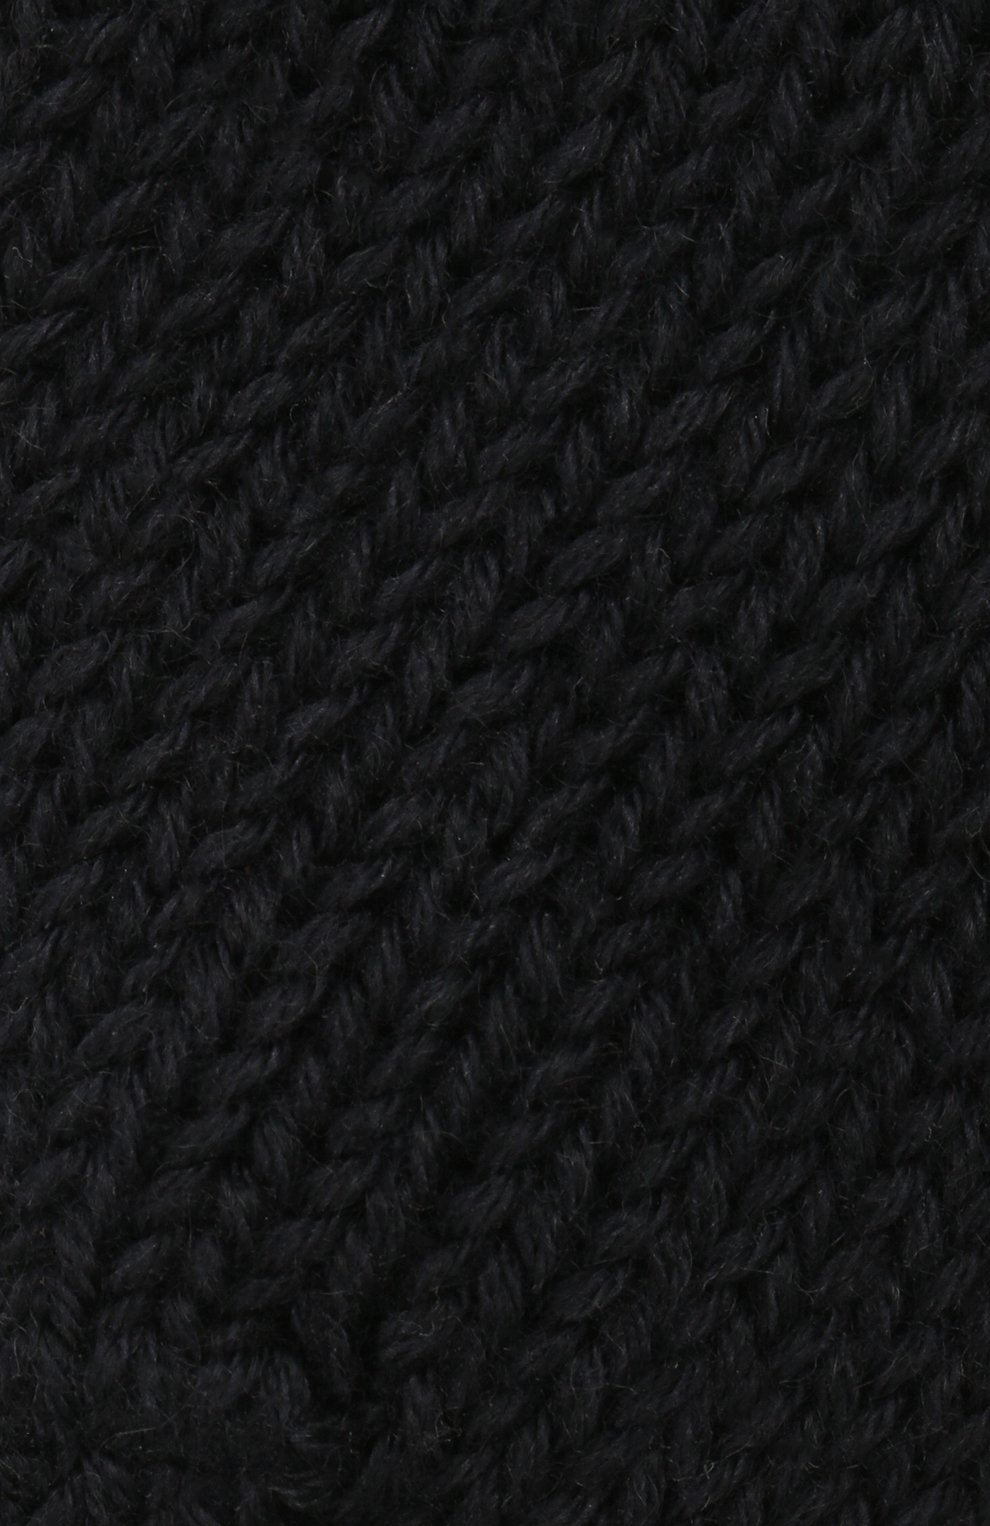 Детские хлопковые носки FALKE синего цвета, арт. 10408. | Фото 2 (Материал: Текстиль, Хлопок)